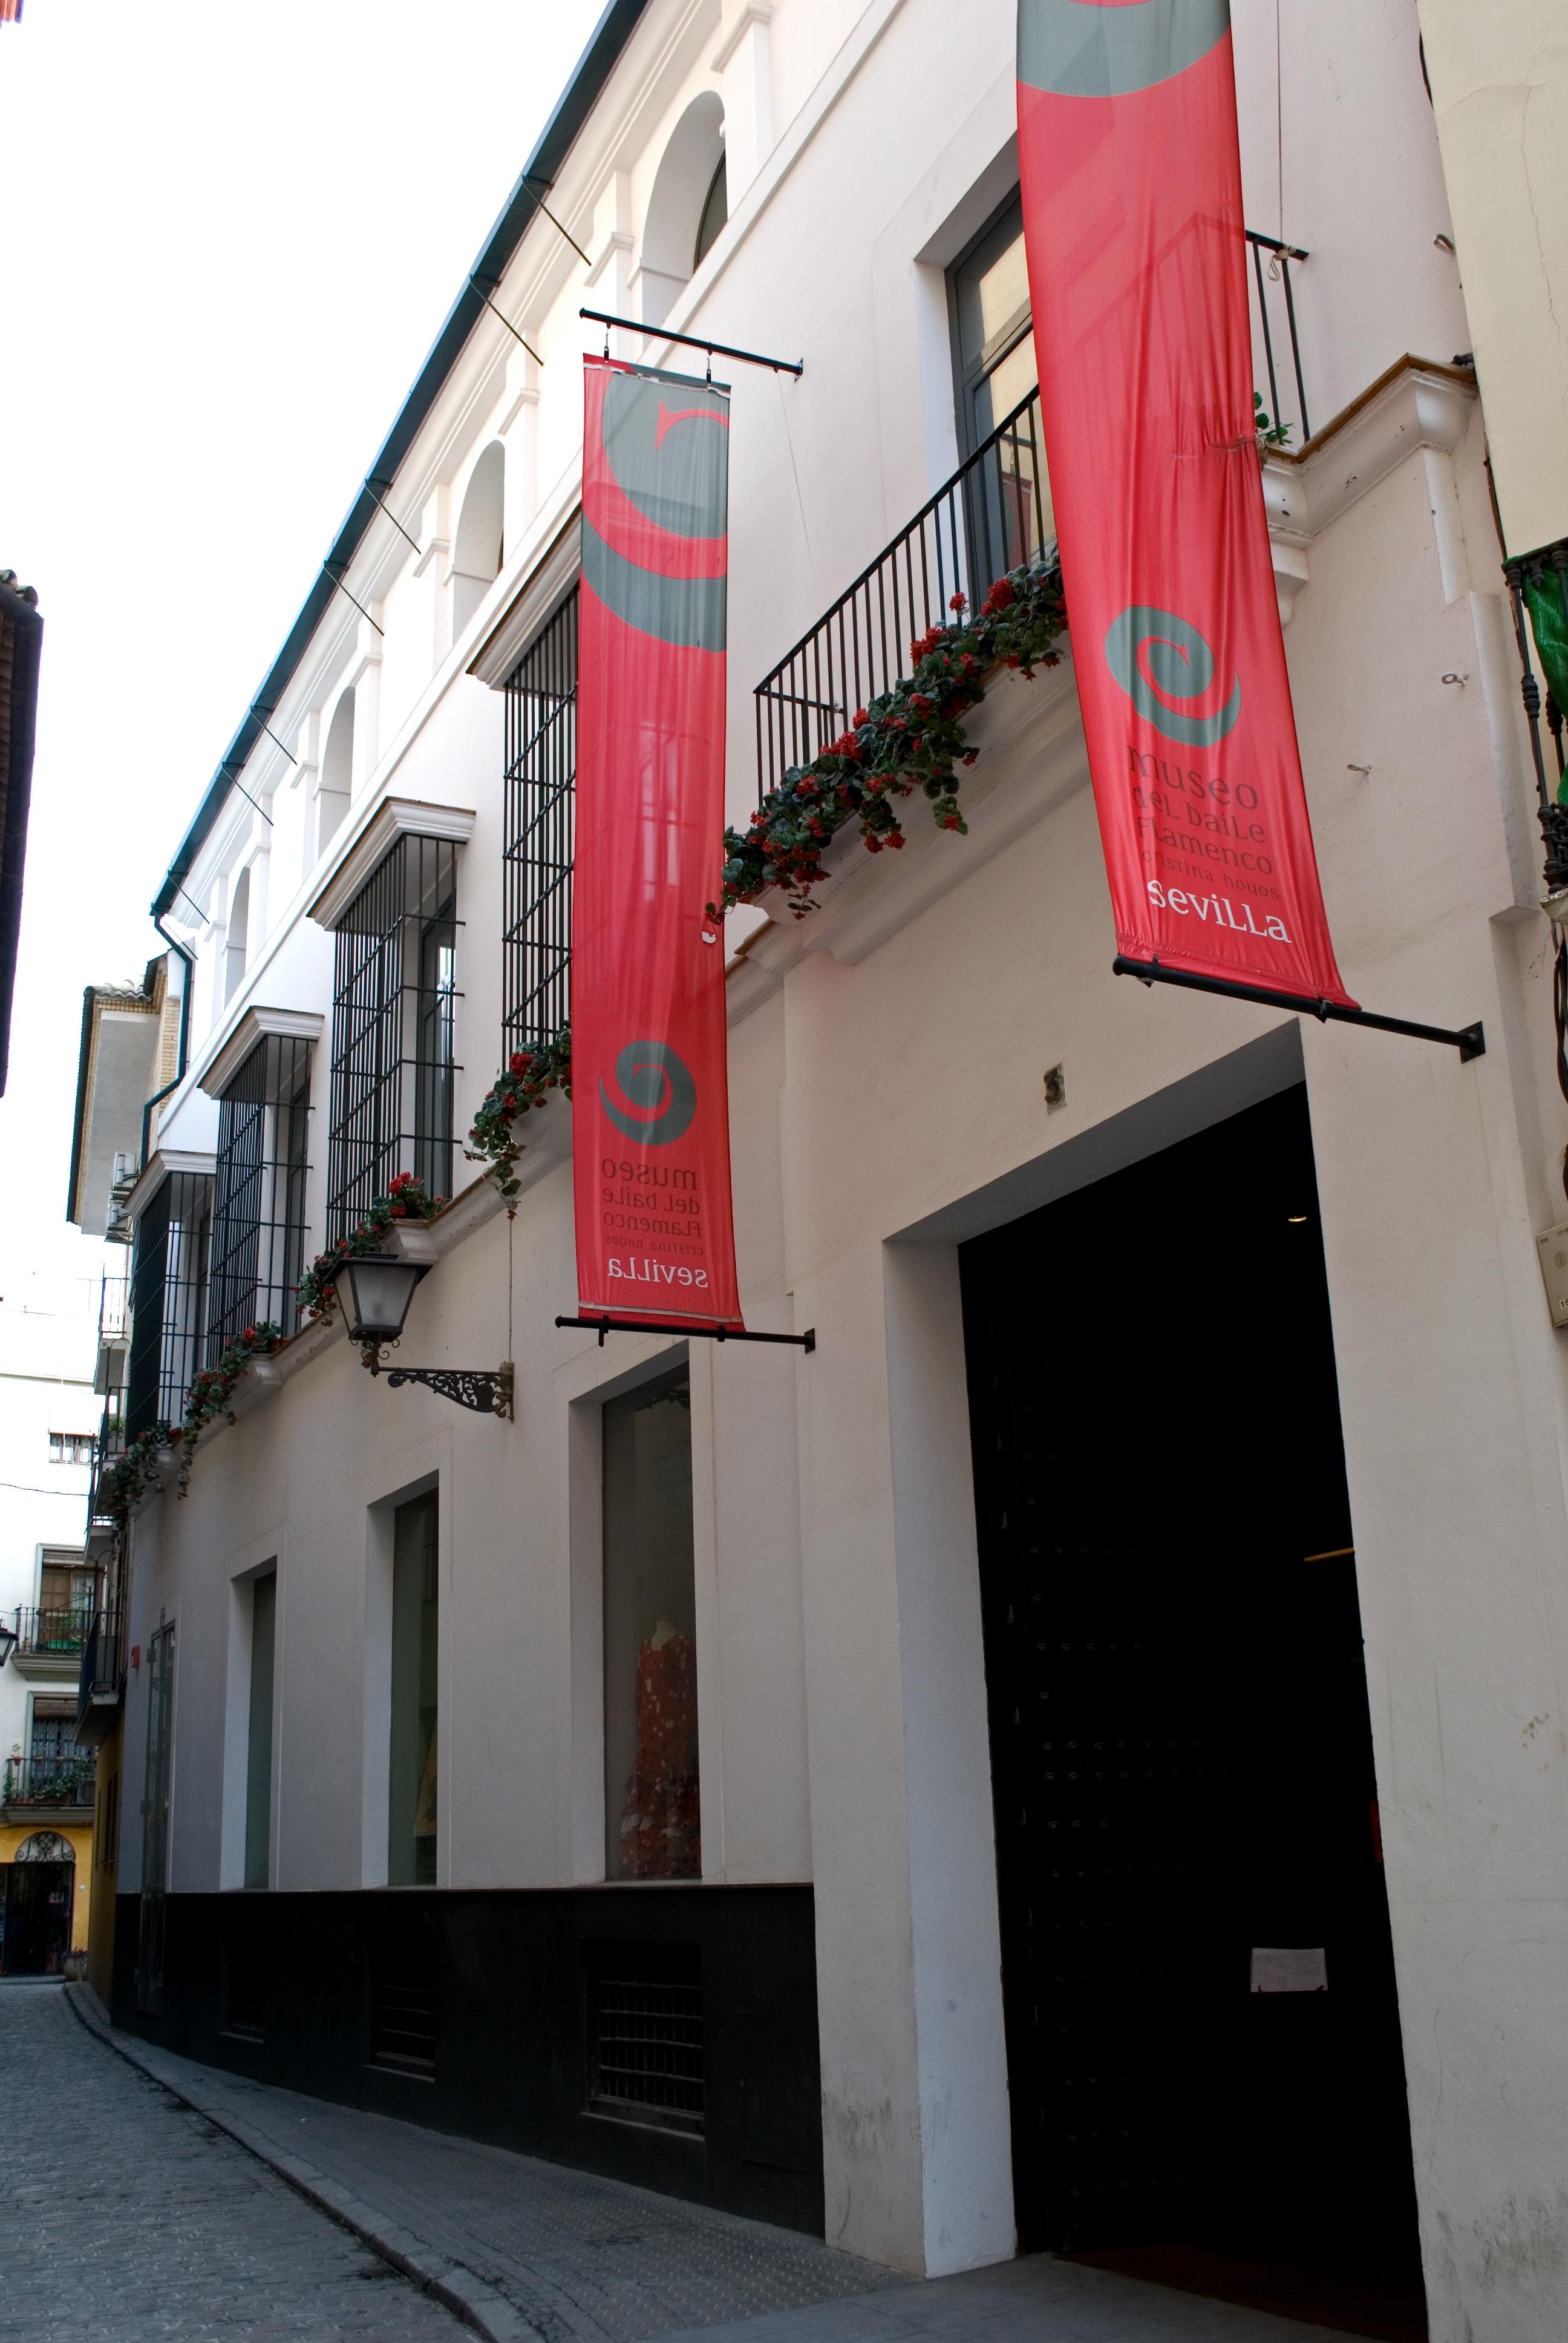 Museo del baile flamenco, sevilla.jpg